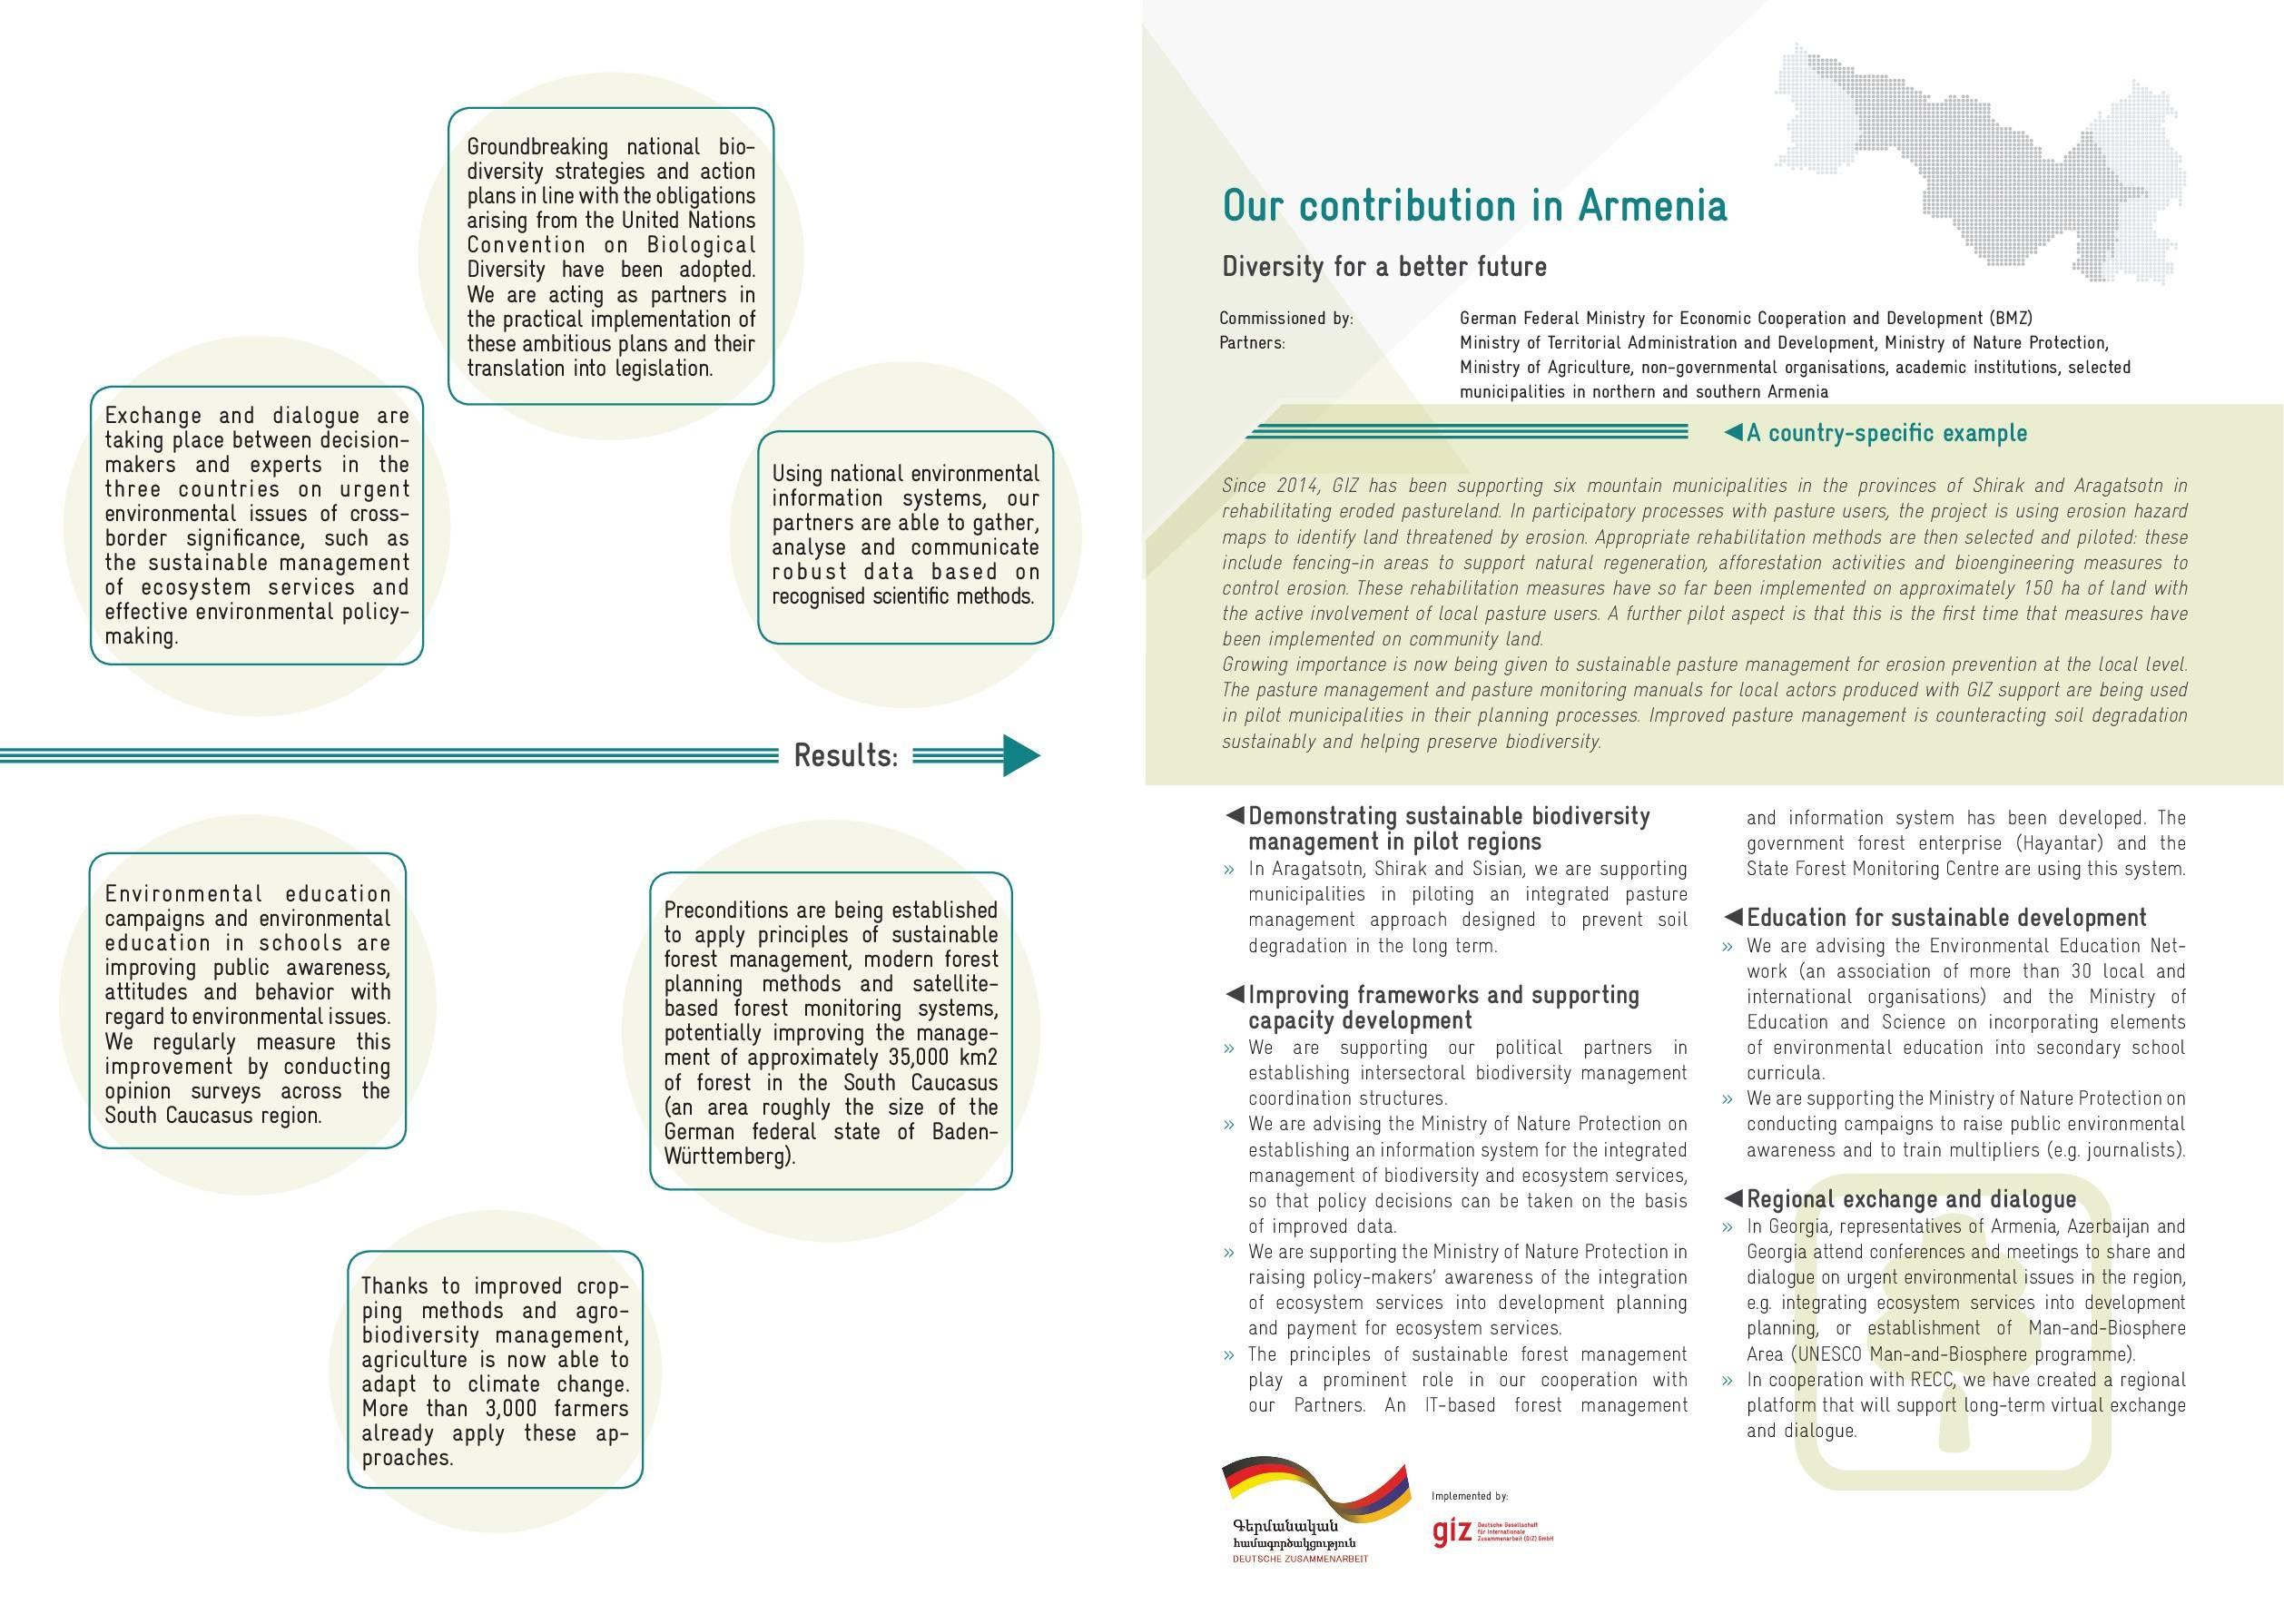 Integrated biodiversity management, South Caucasus